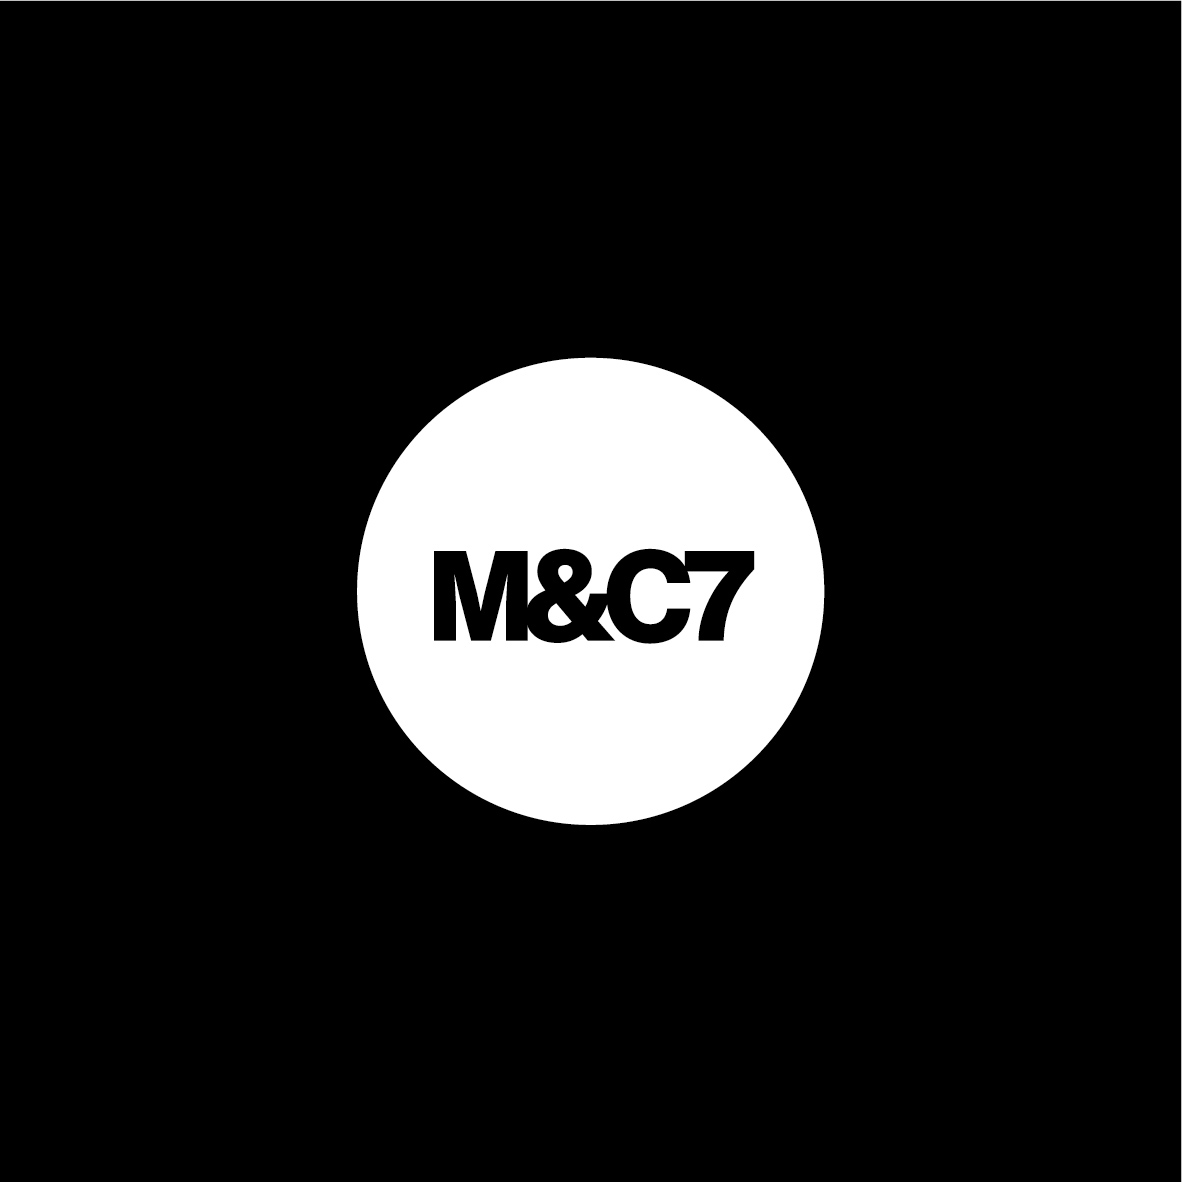 M&C7_Square-10